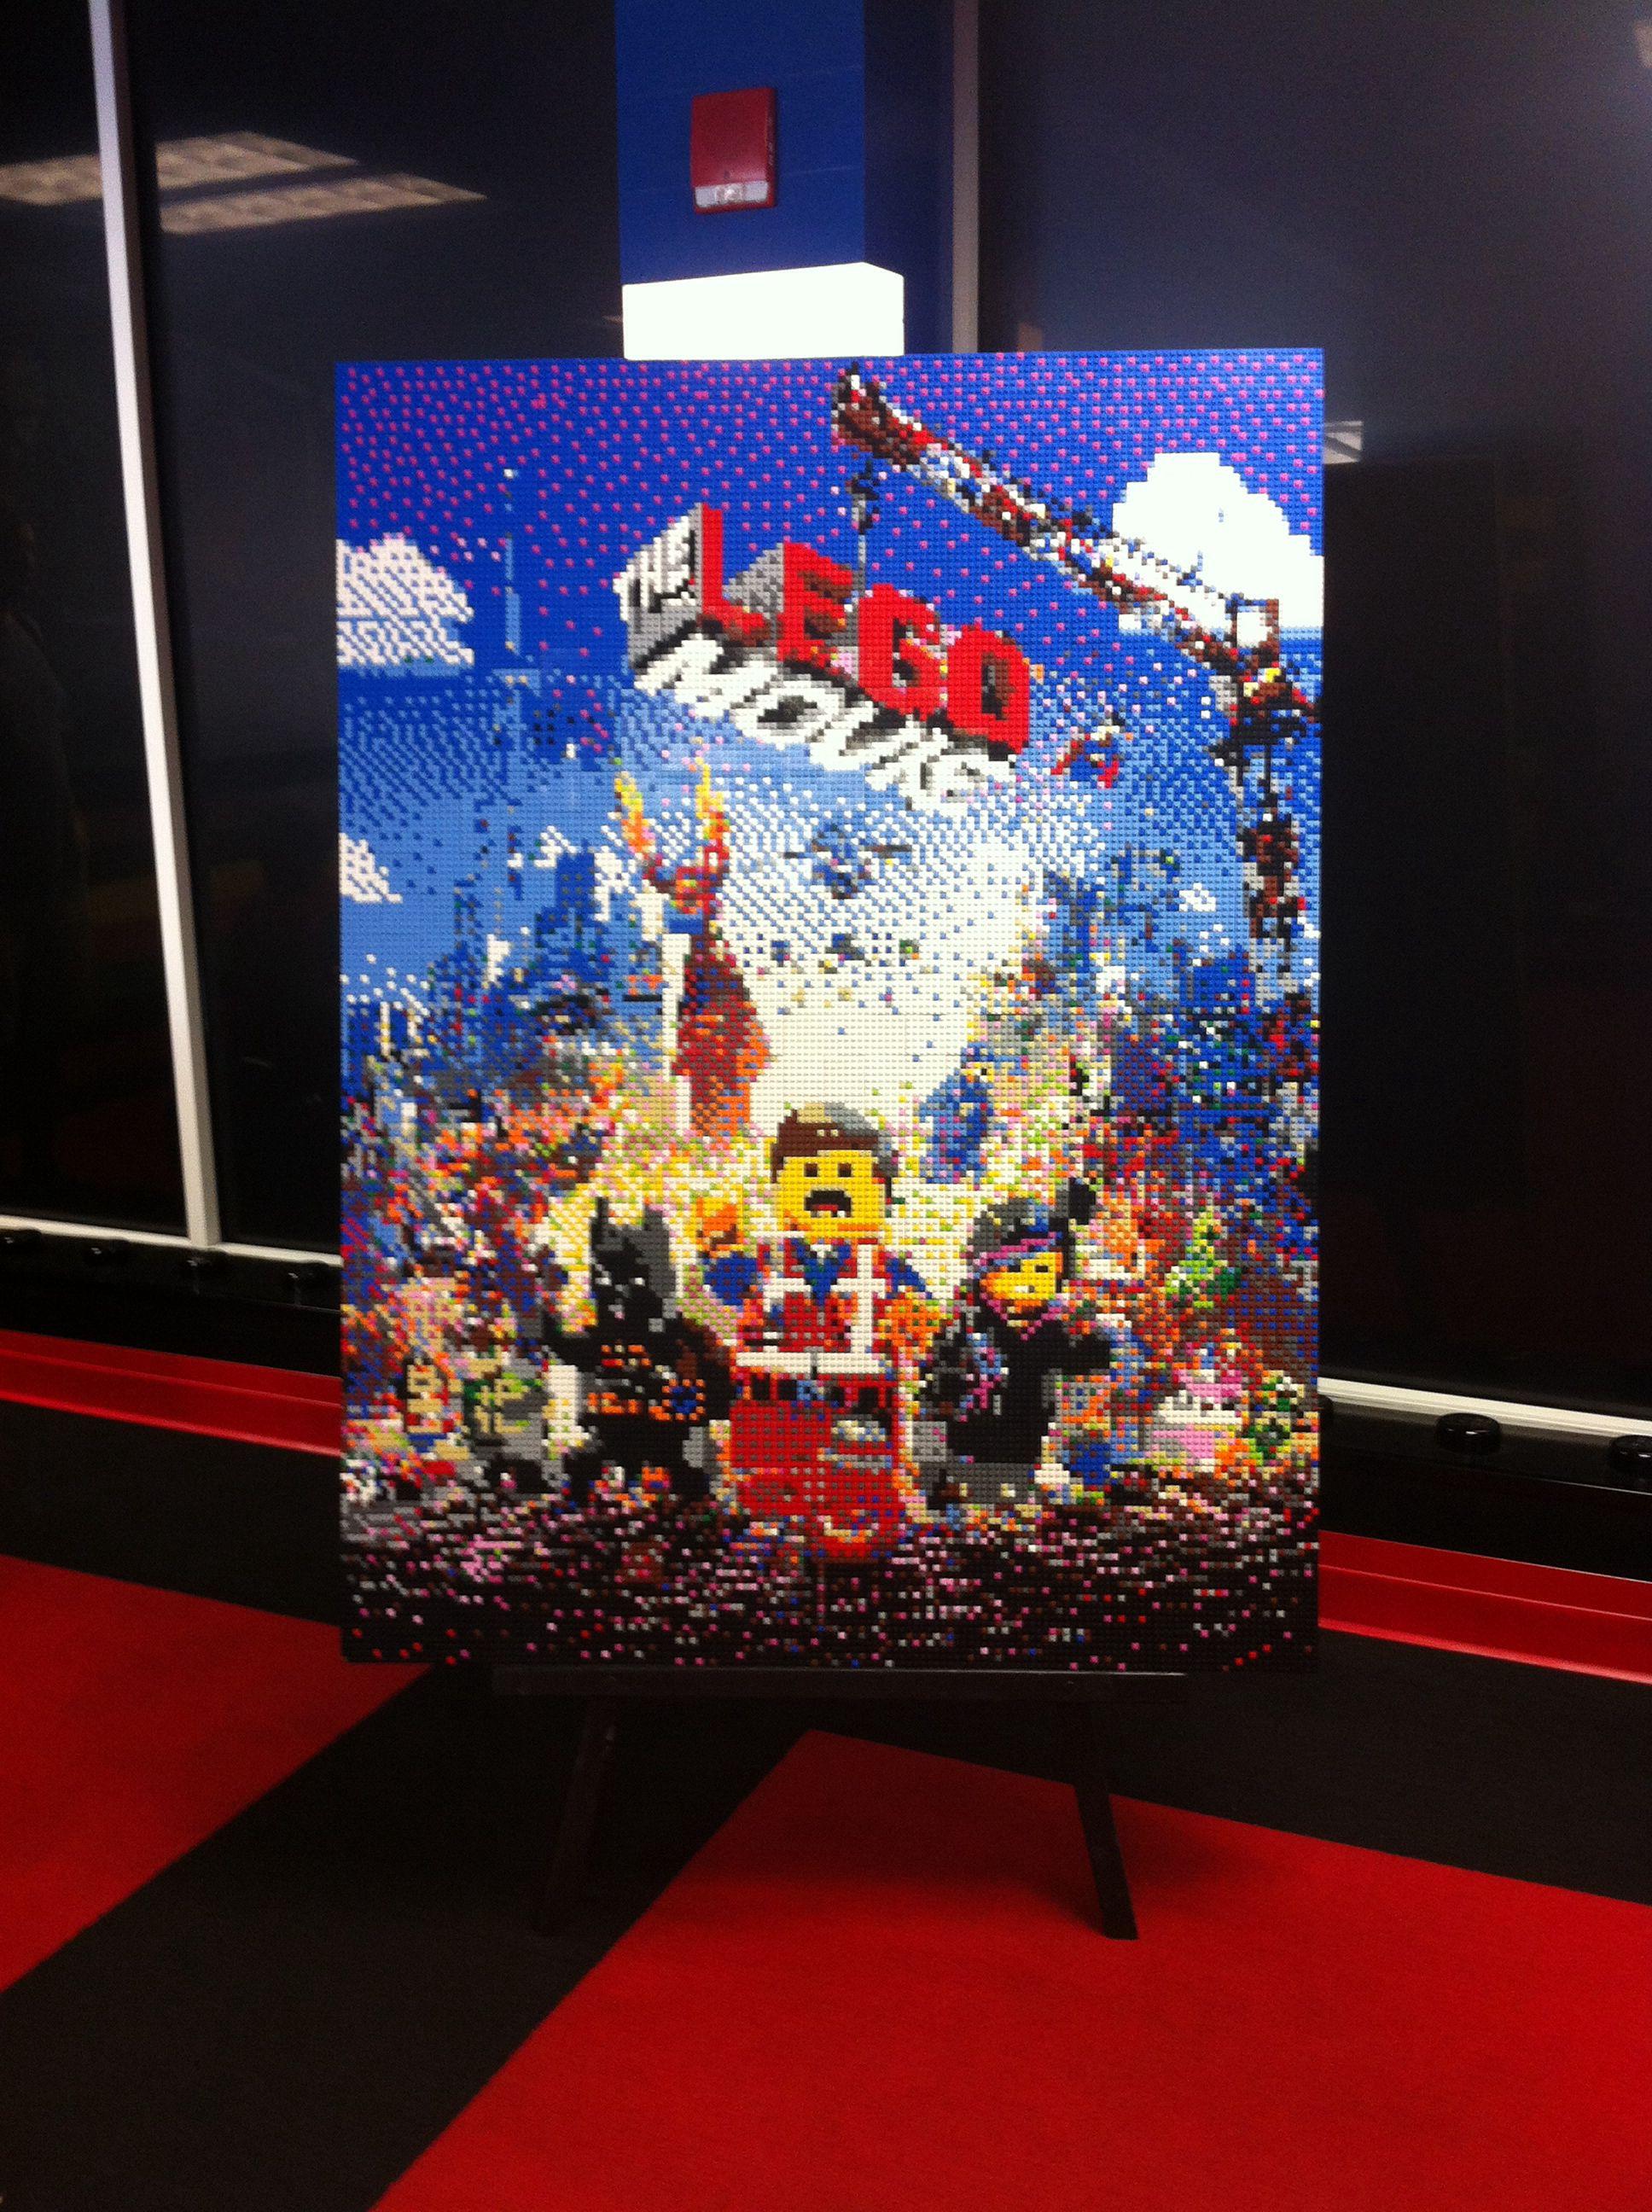 Lego movie | Lego movie, Legoland, Lego